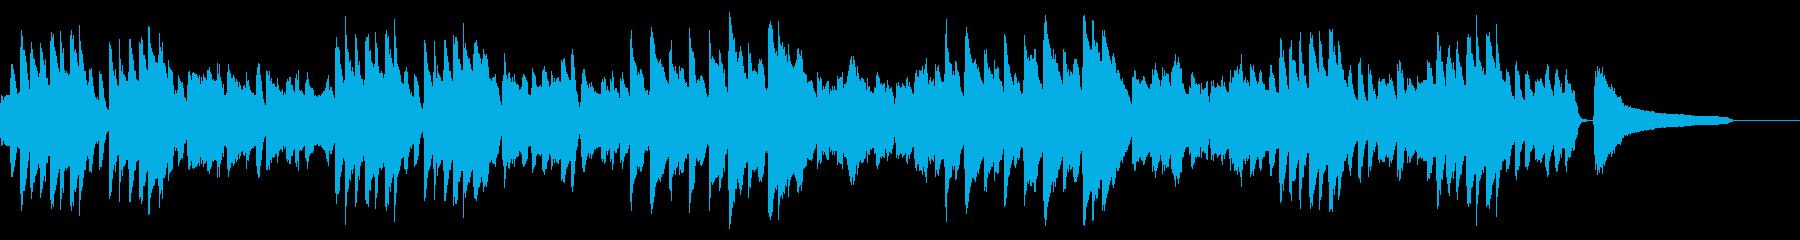 SNS広告 ピアノメイン ほのぼのの再生済みの波形